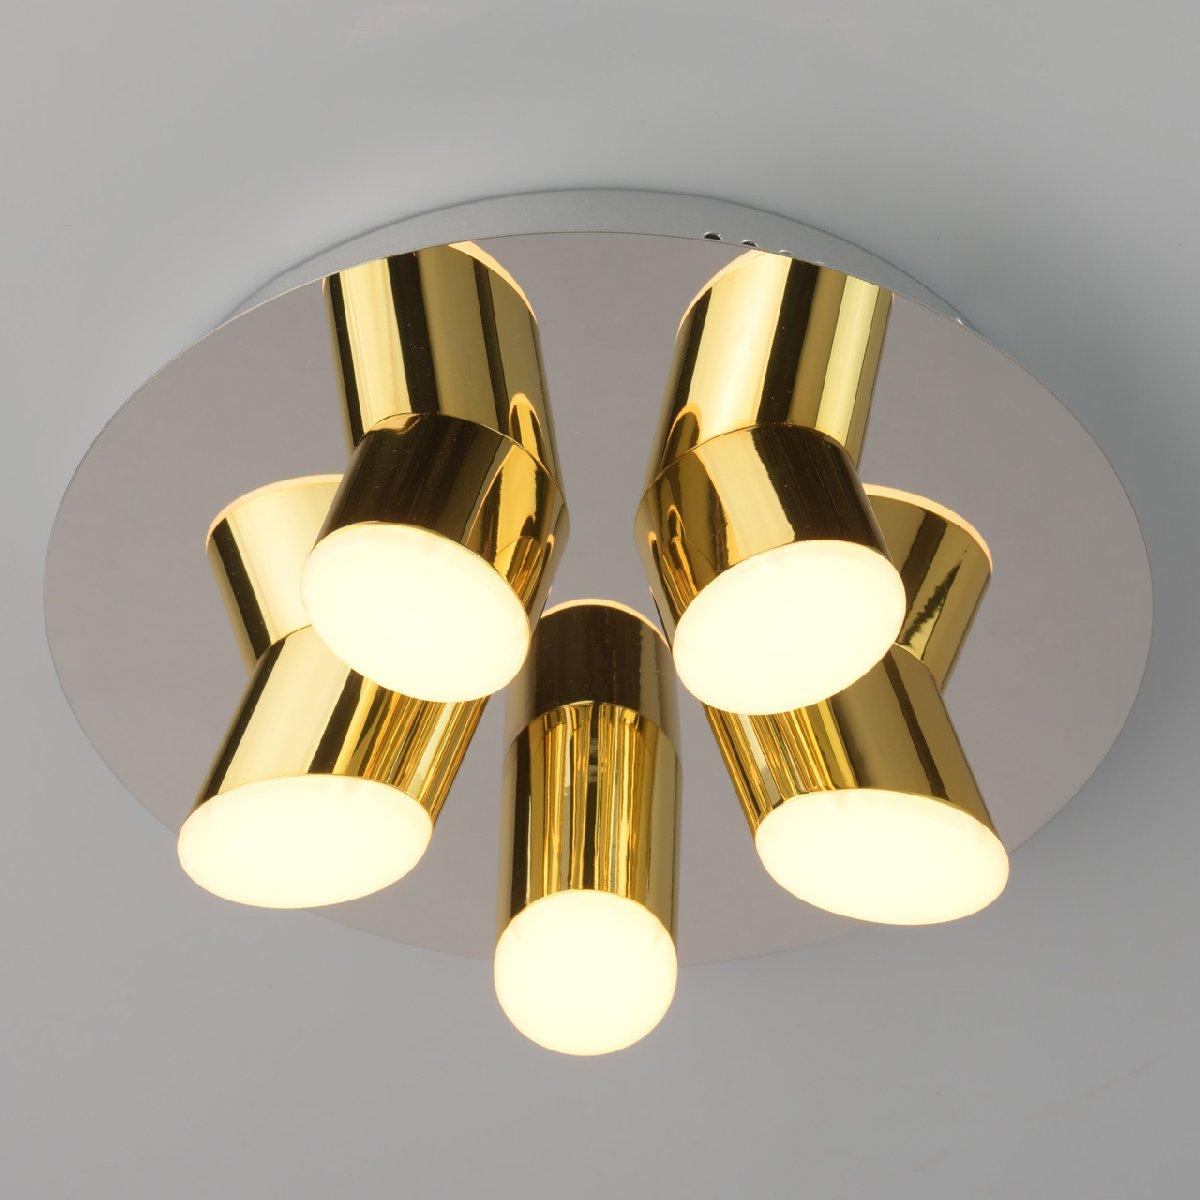 Потолочные светильники 609013505 De Markt